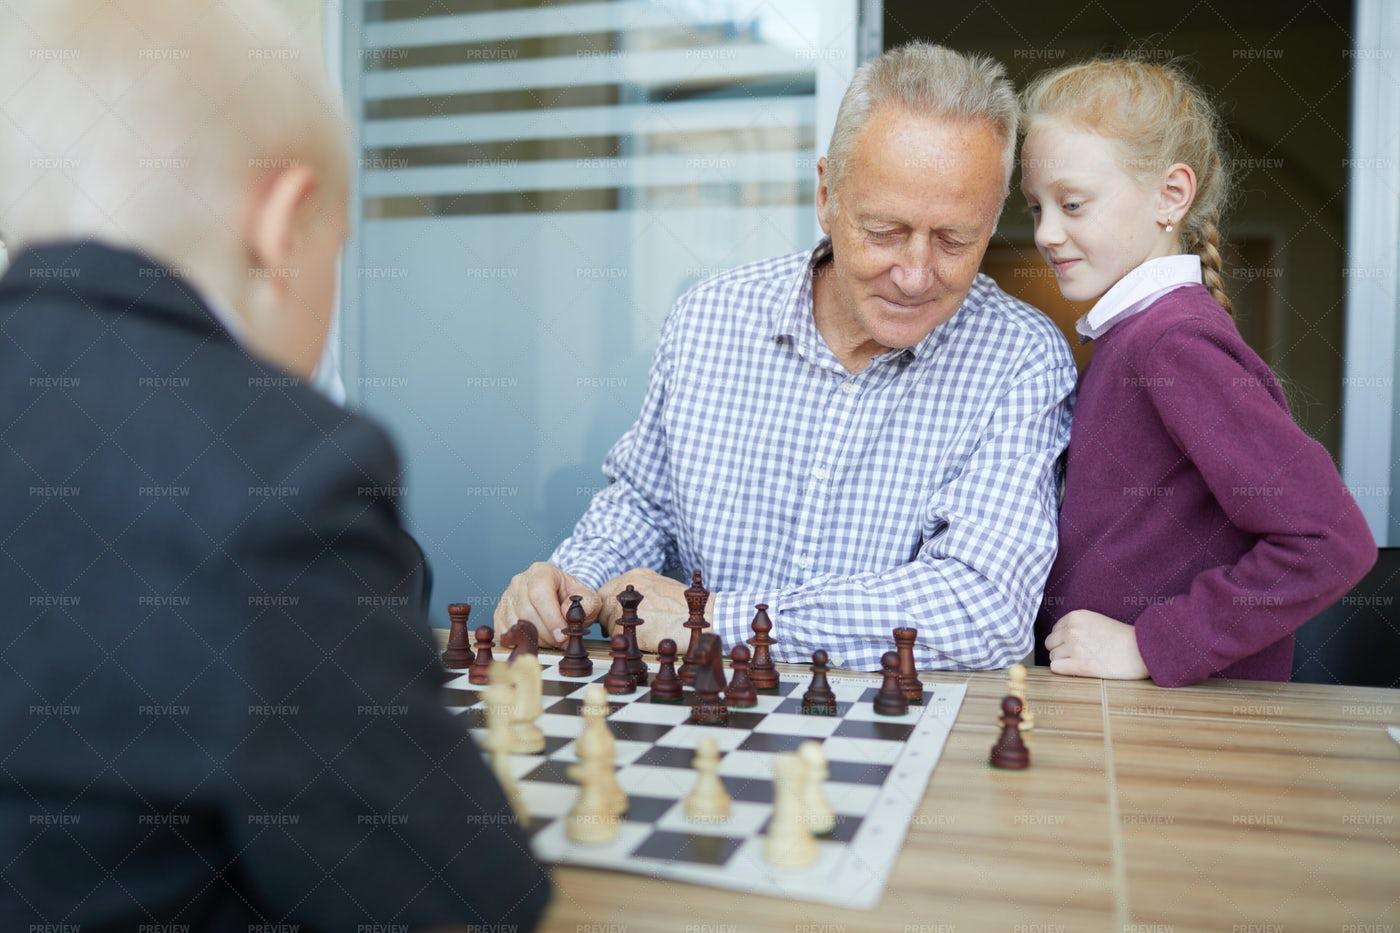 Giving Chess Advice: Stock Photos